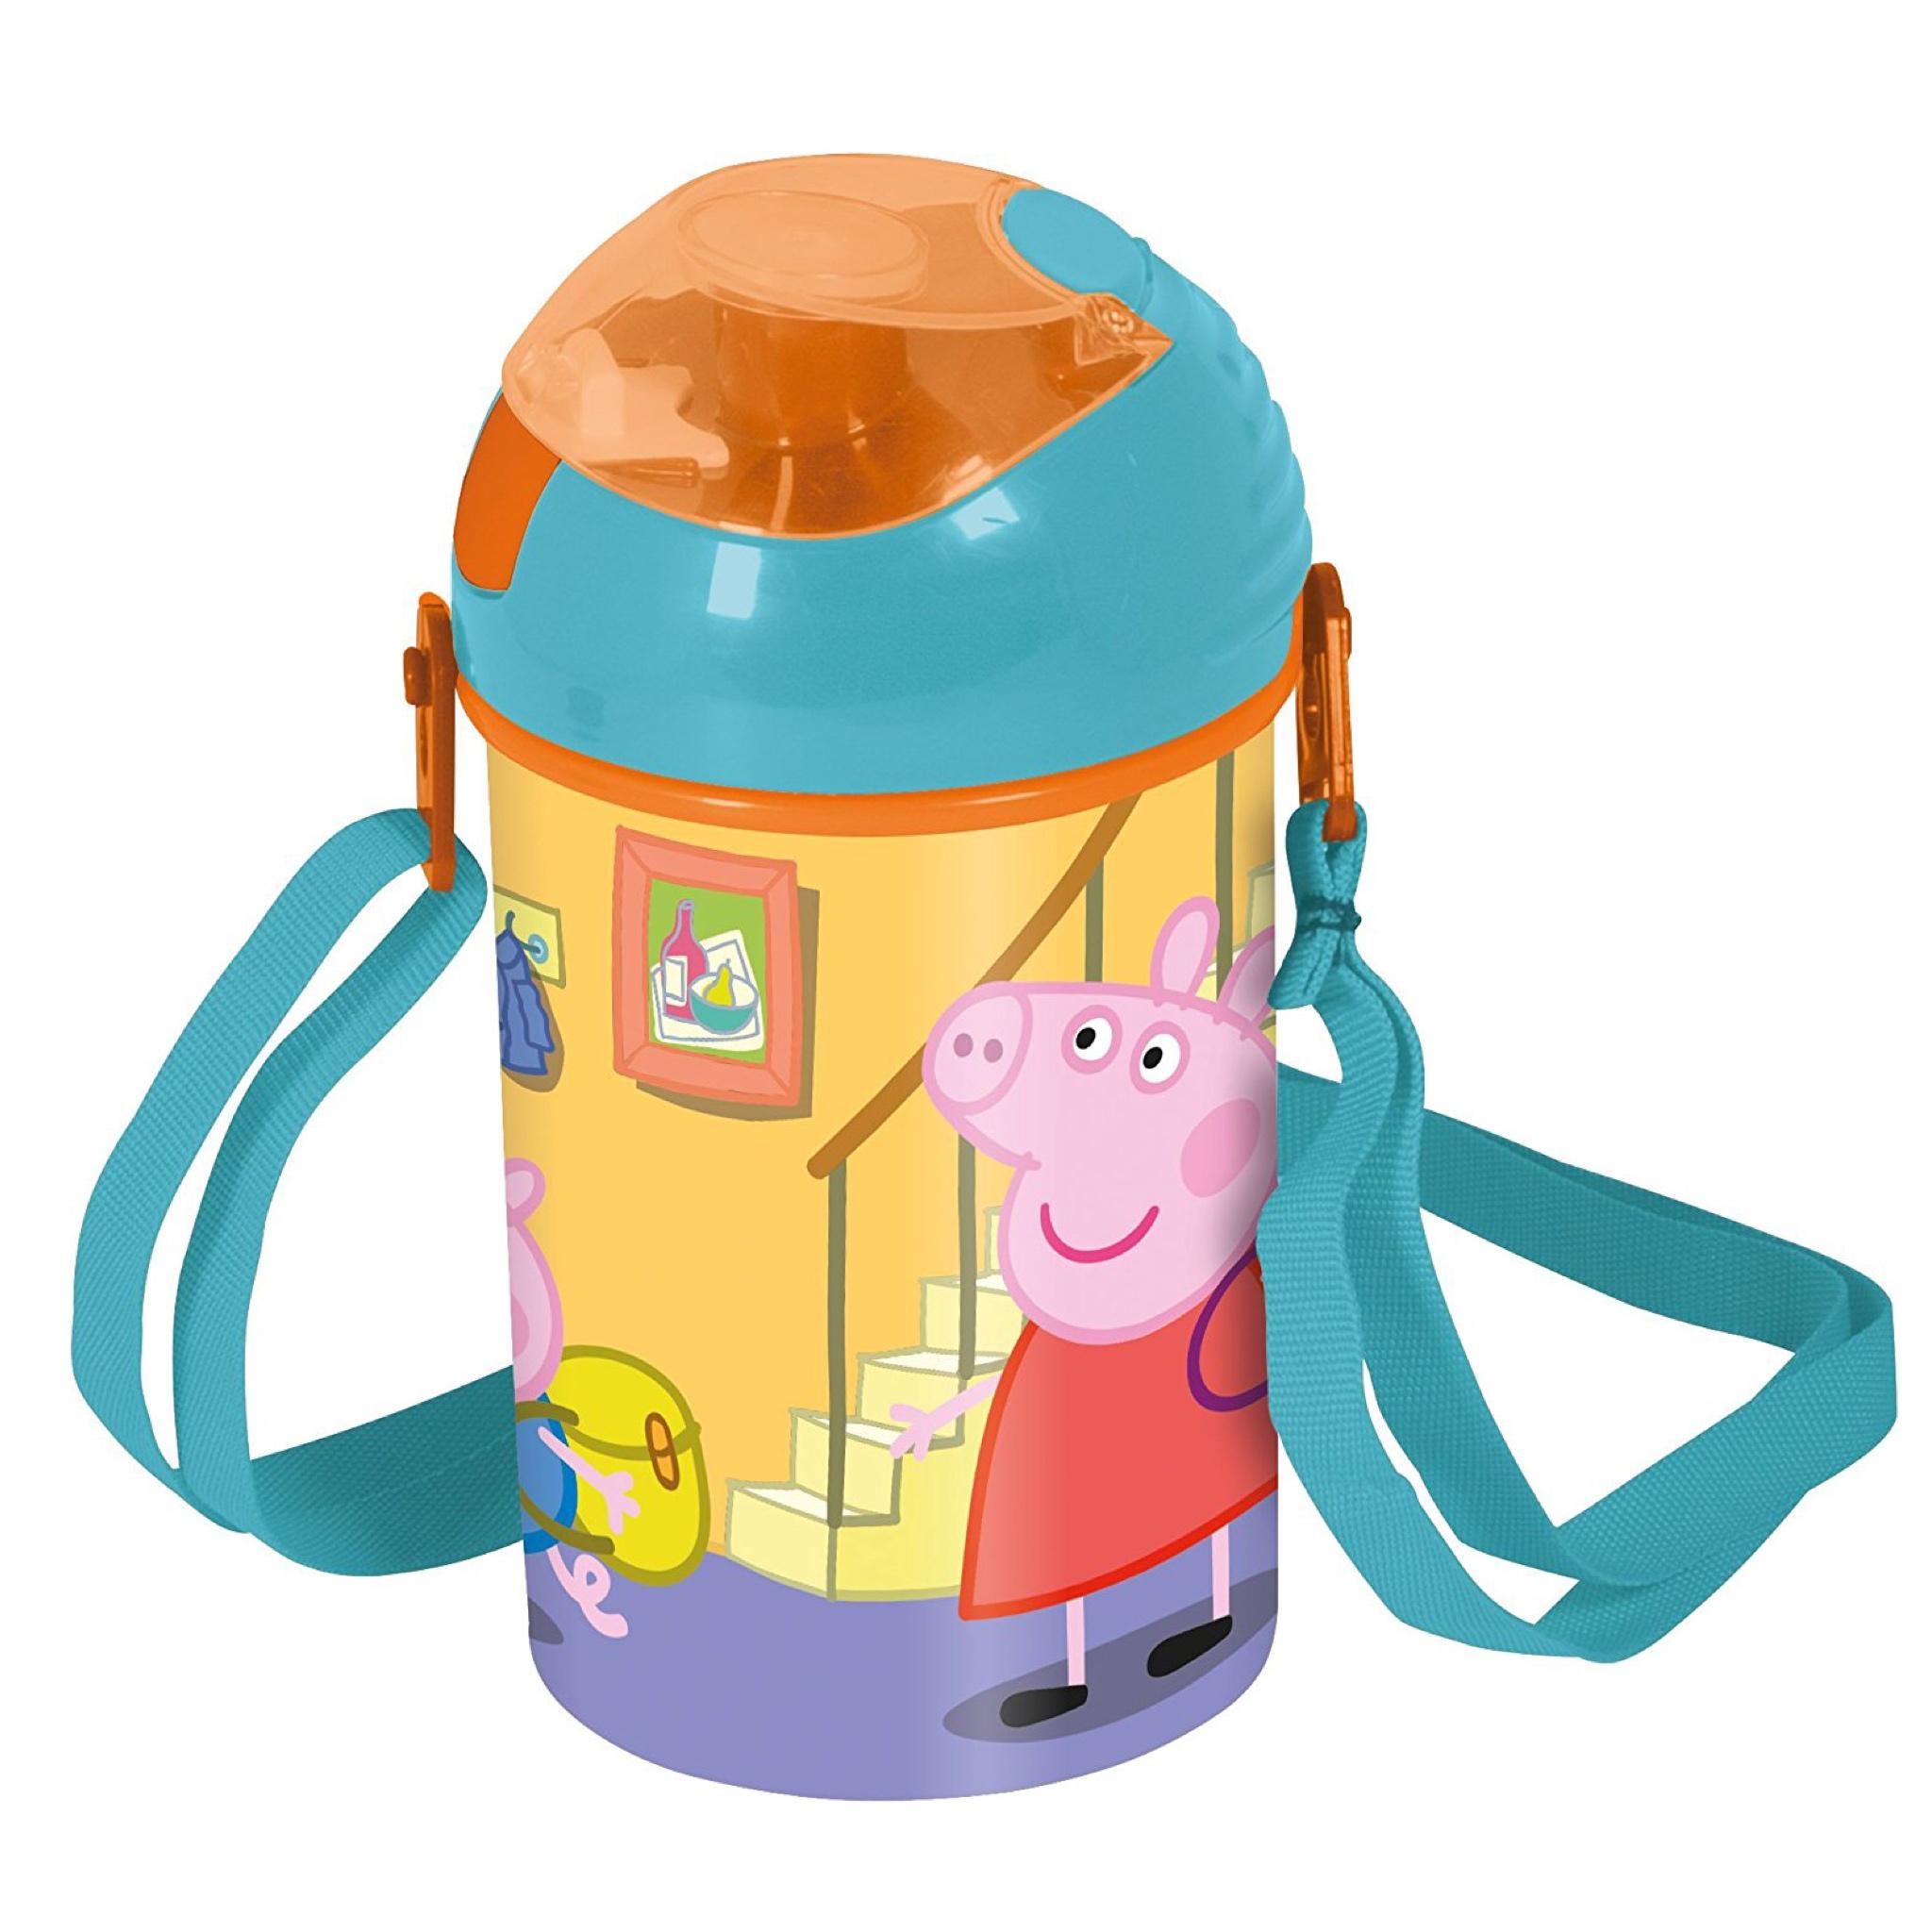 กระติกน้ำพร้อมสายสะพายสำหรับเด็ก Peppa Pig Pop-Up Canteen for Kids